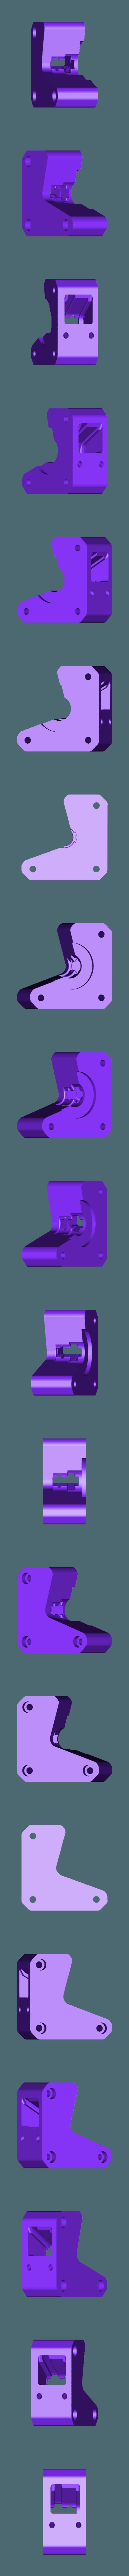 Gearhead_17_Mirrored.stl Télécharger fichier STL gratuit Gearstruder J7 - Extrudeuse à double entraînement • Design pour impression 3D, WalterHsiao